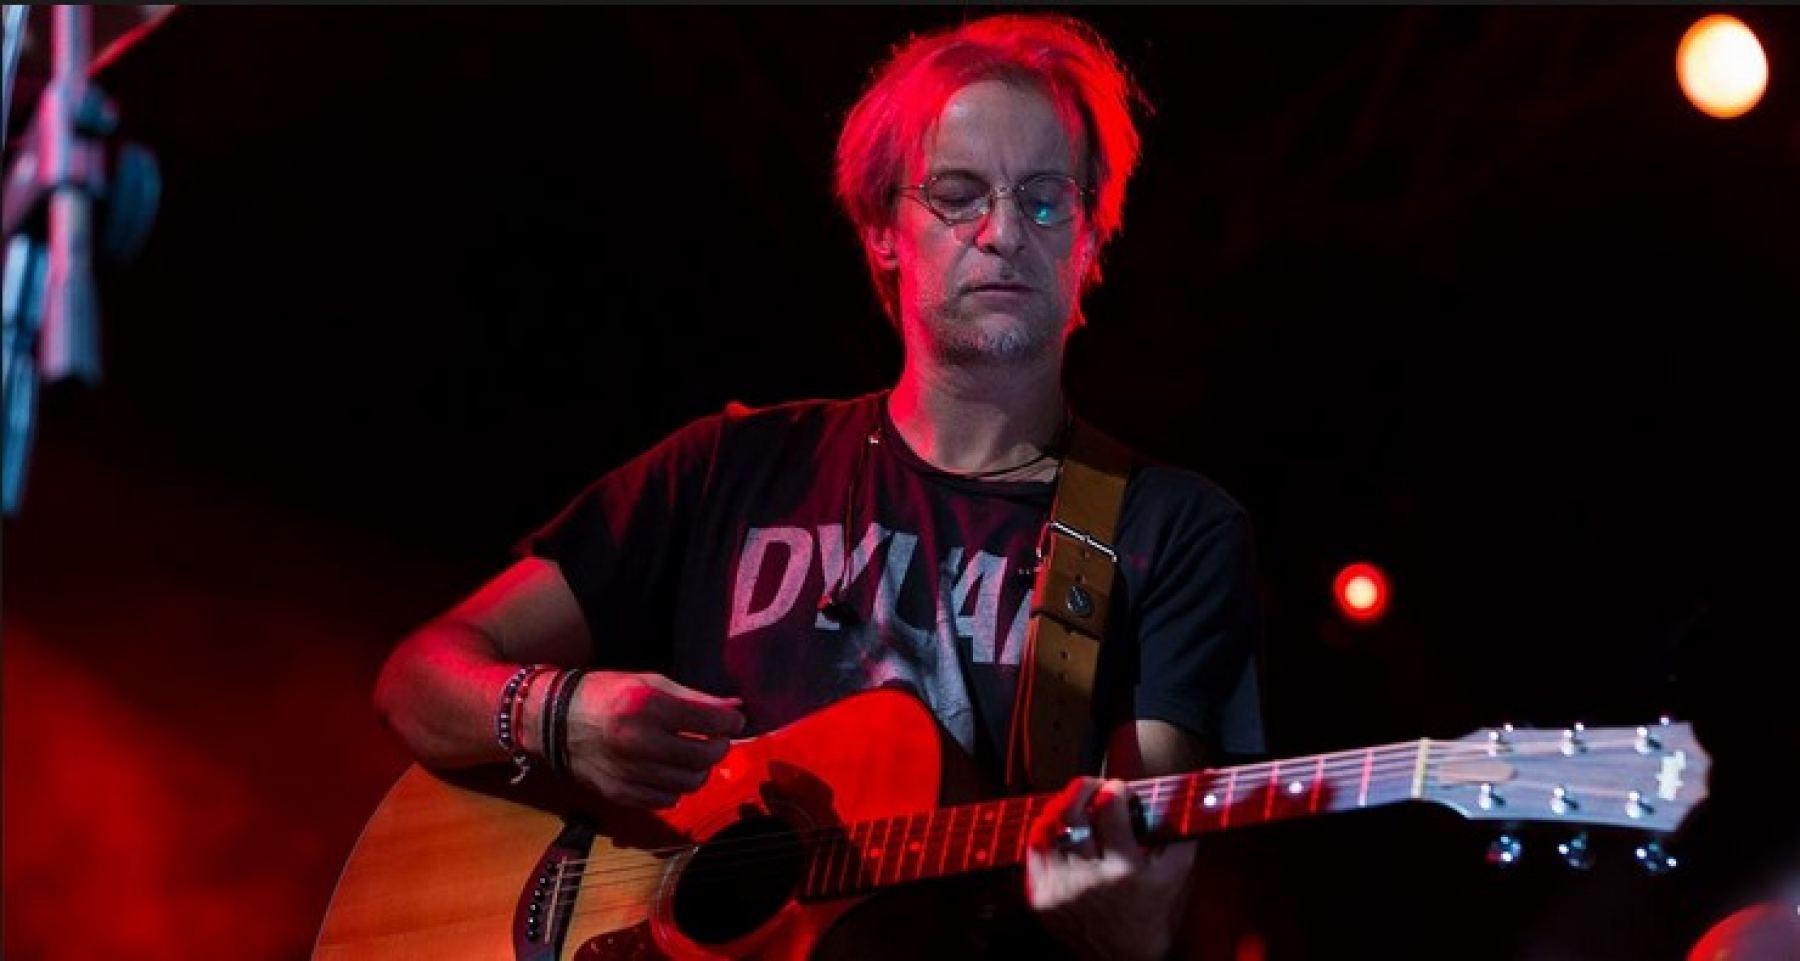 Παρασκευή: O Μίλτος Πασχαλίδης Live στα Καστέλλια